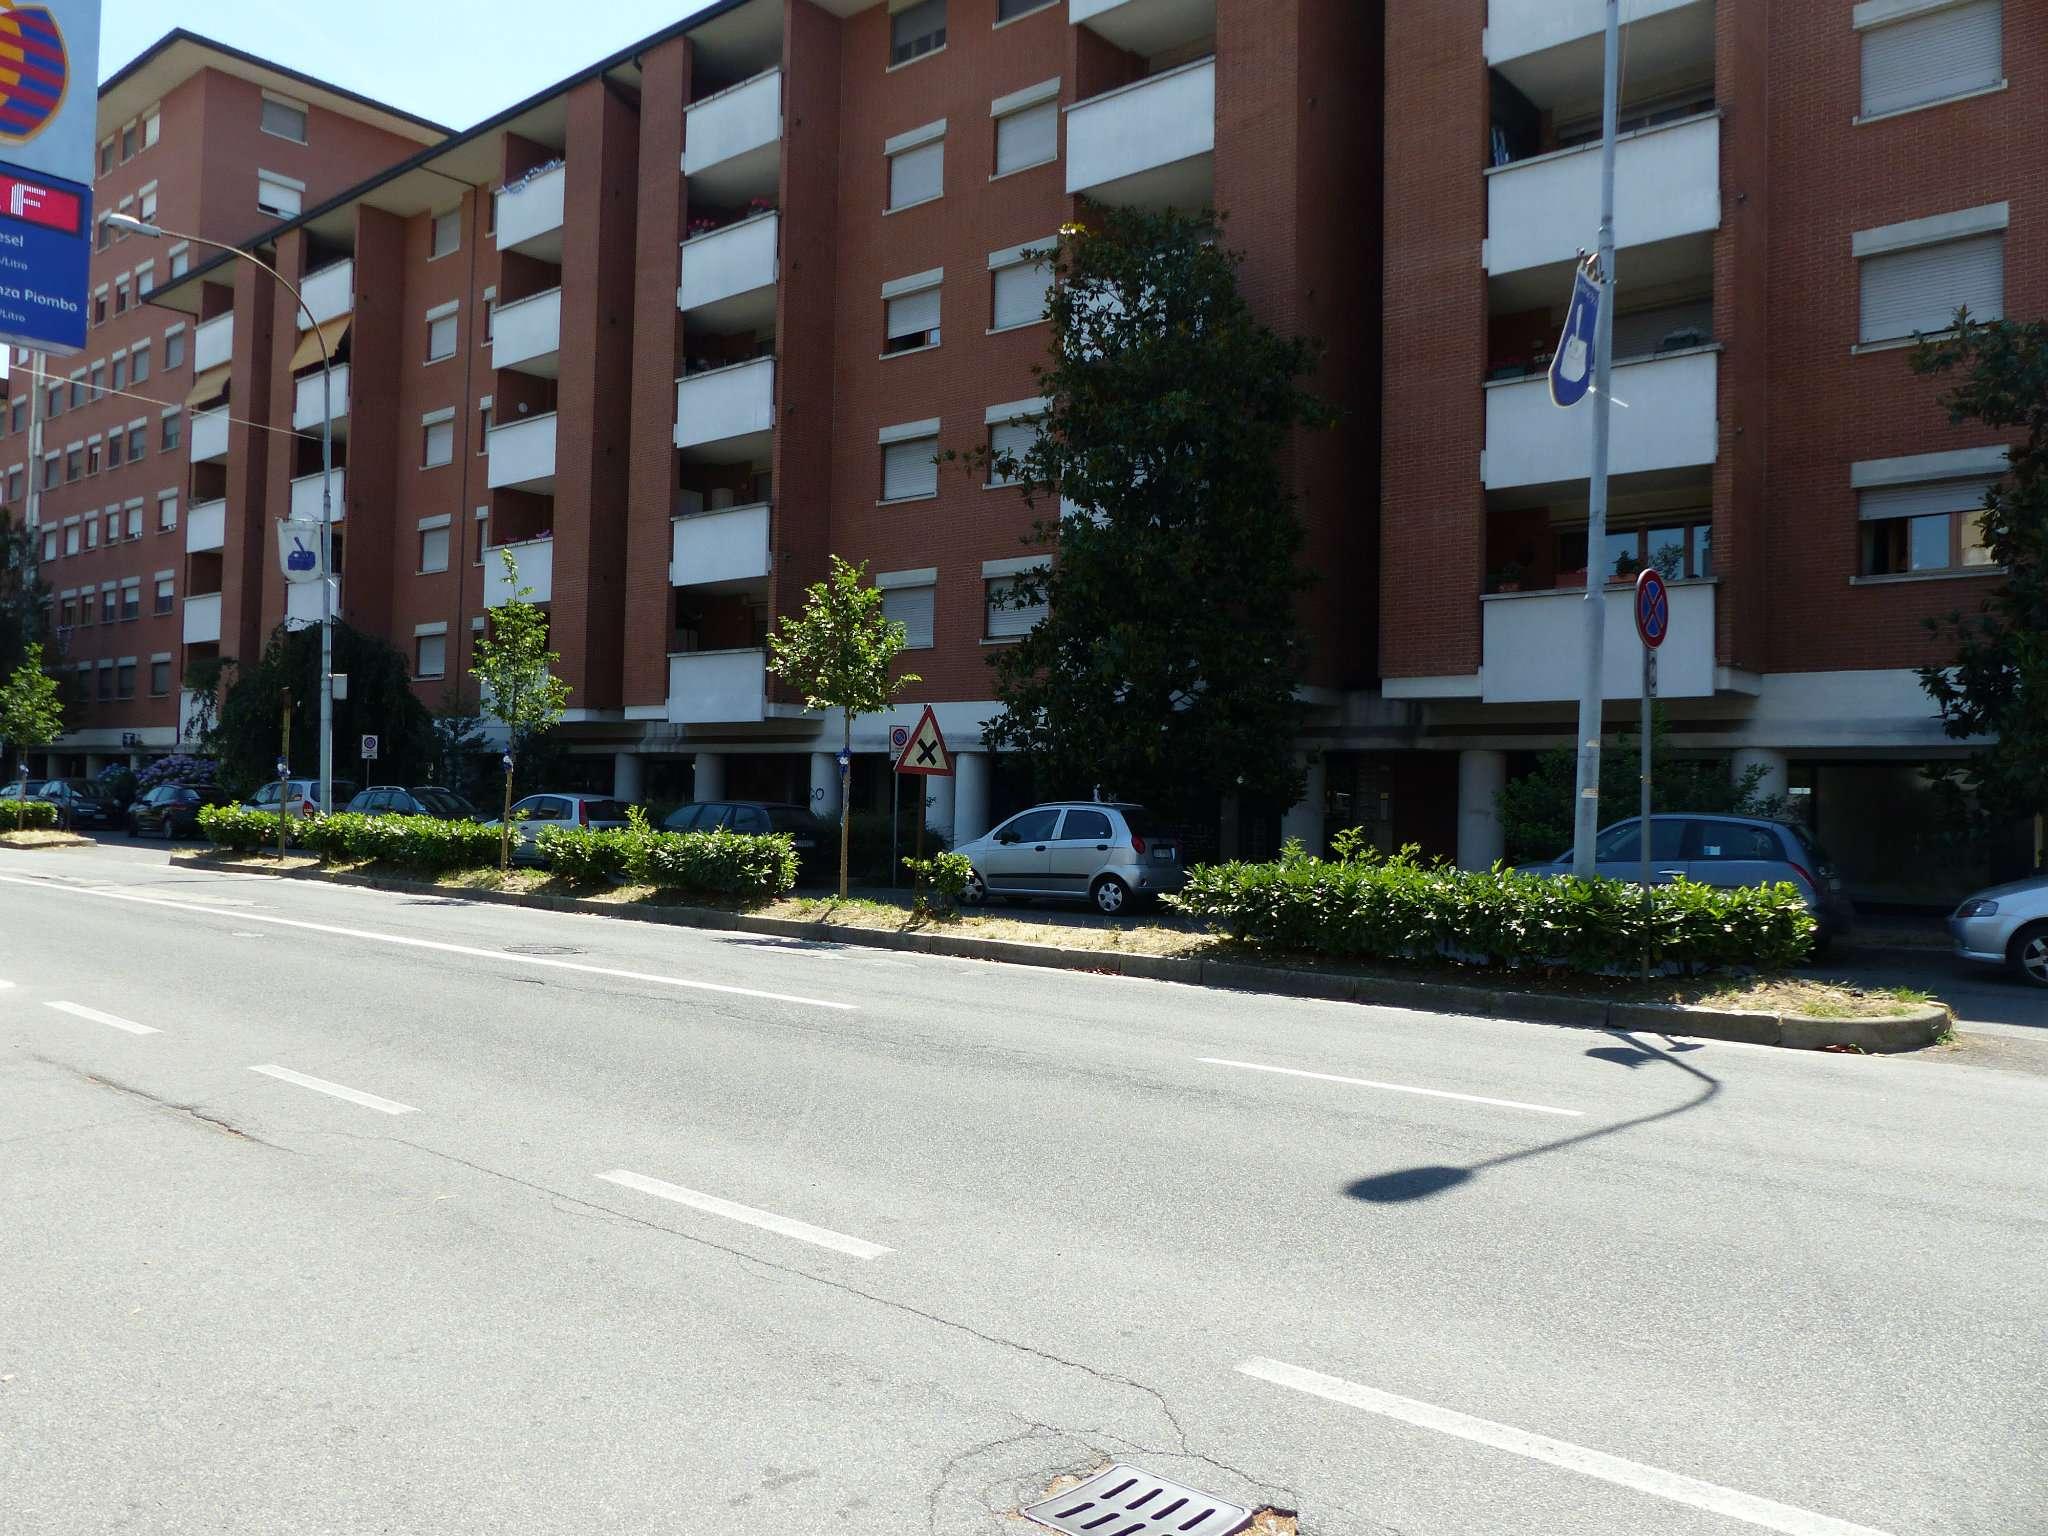 Negozio / Locale in vendita a Bollate, 1 locali, prezzo € 85.000 | CambioCasa.it